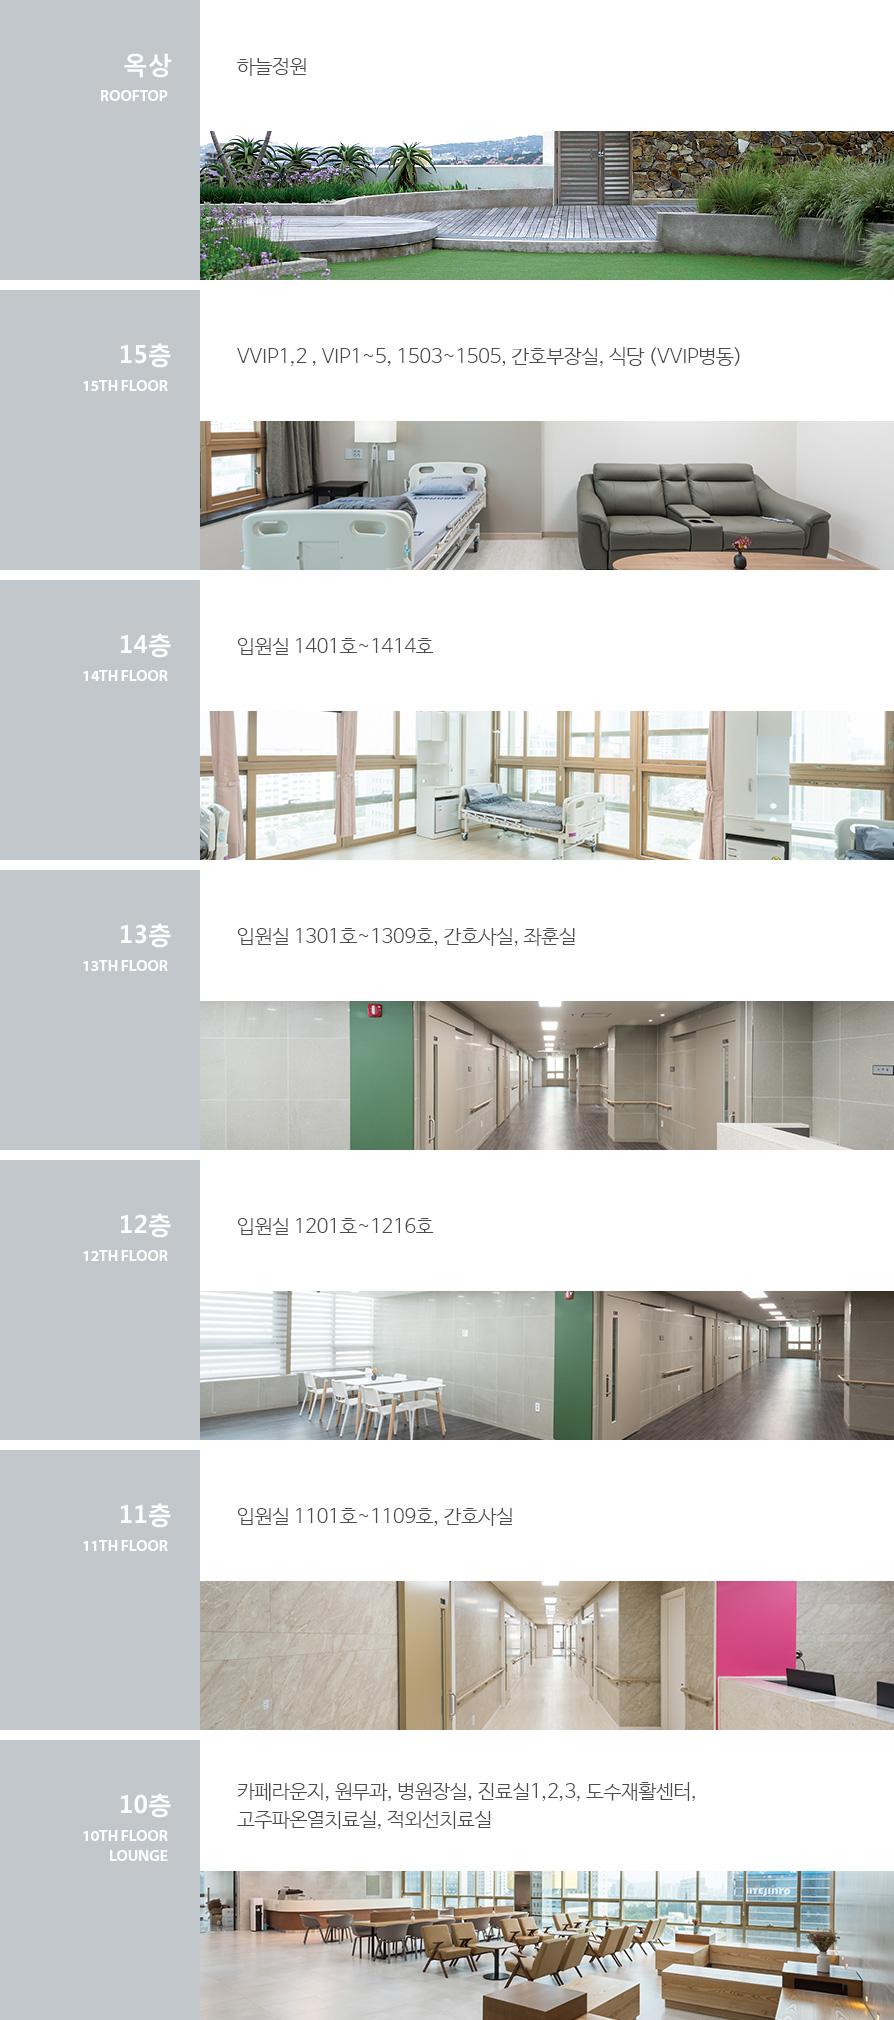 각 층별 상세 시설 안내, 옥상:하늘정원 / 15층:VVIP1,2 , VIP 1~5, 입원실 1501~1503, 간호부장실, 식당 / 14층:입원실 / 13층:입원실, 간로사실, 좌훈실 / 12층:입원실 / 11층:입원실, 간호사실 / 10층:카페라운지, 원무과, 병원장실, 진료실1,2,3, 도수재활치료실, 고주파온열치료실, 적외선치료실